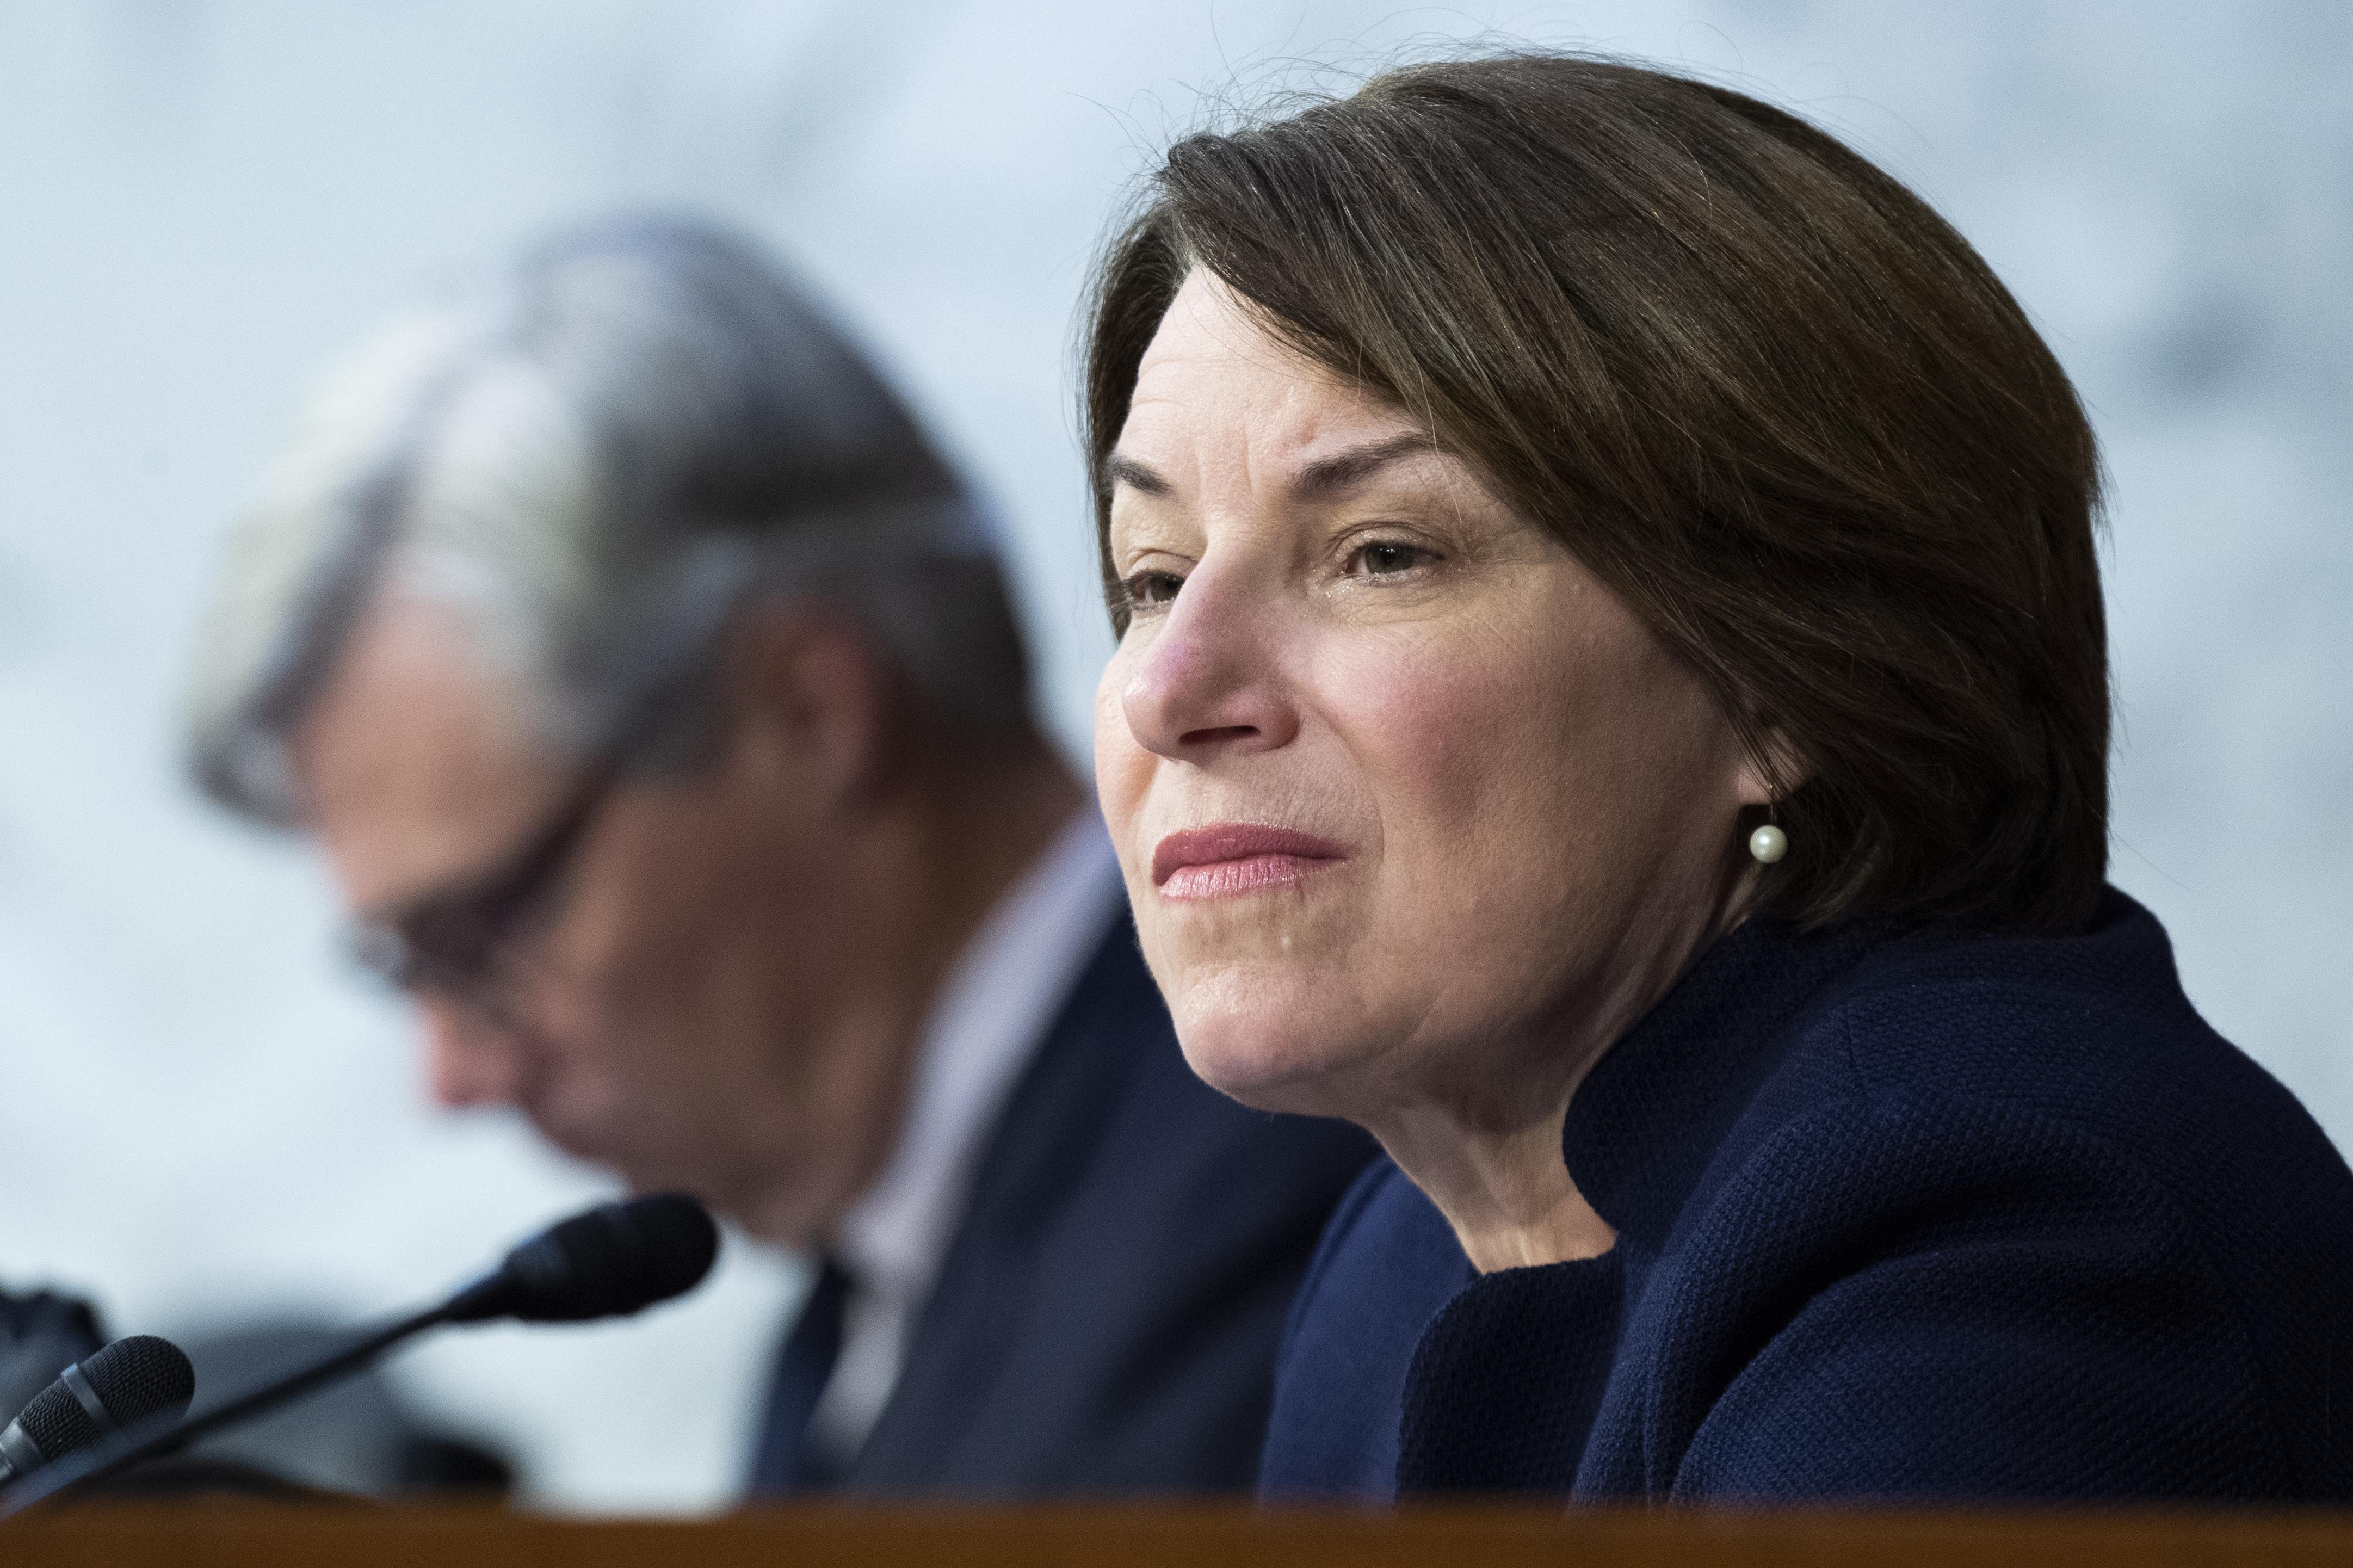 Senate JudiciaryHearing Examining Texas Abortion Law